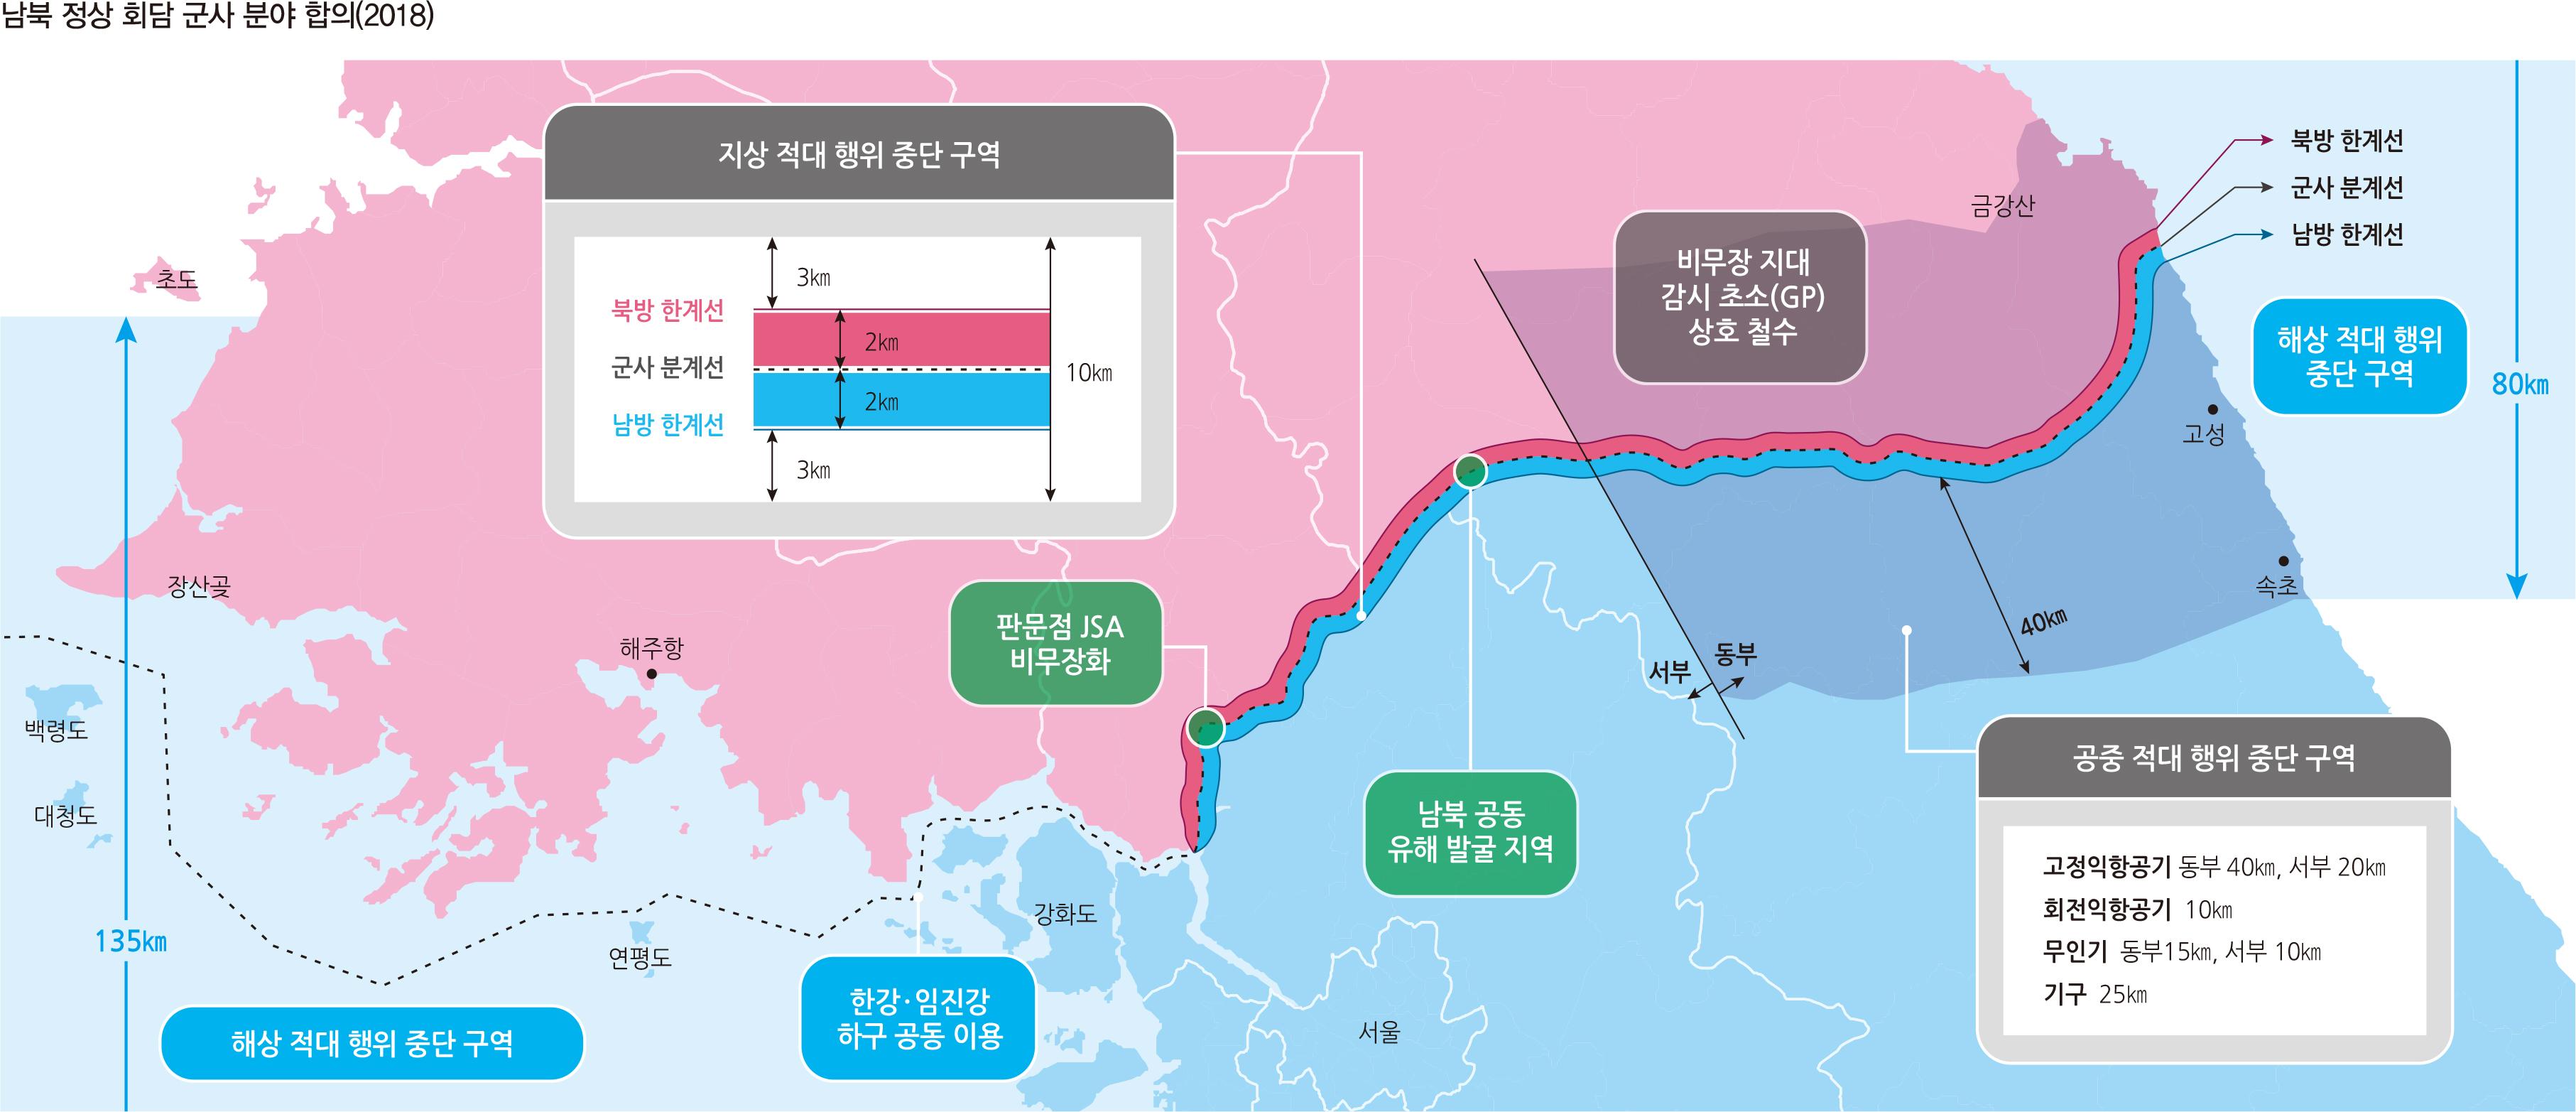 남북 정상 회담 군사 분야 합의(2018)